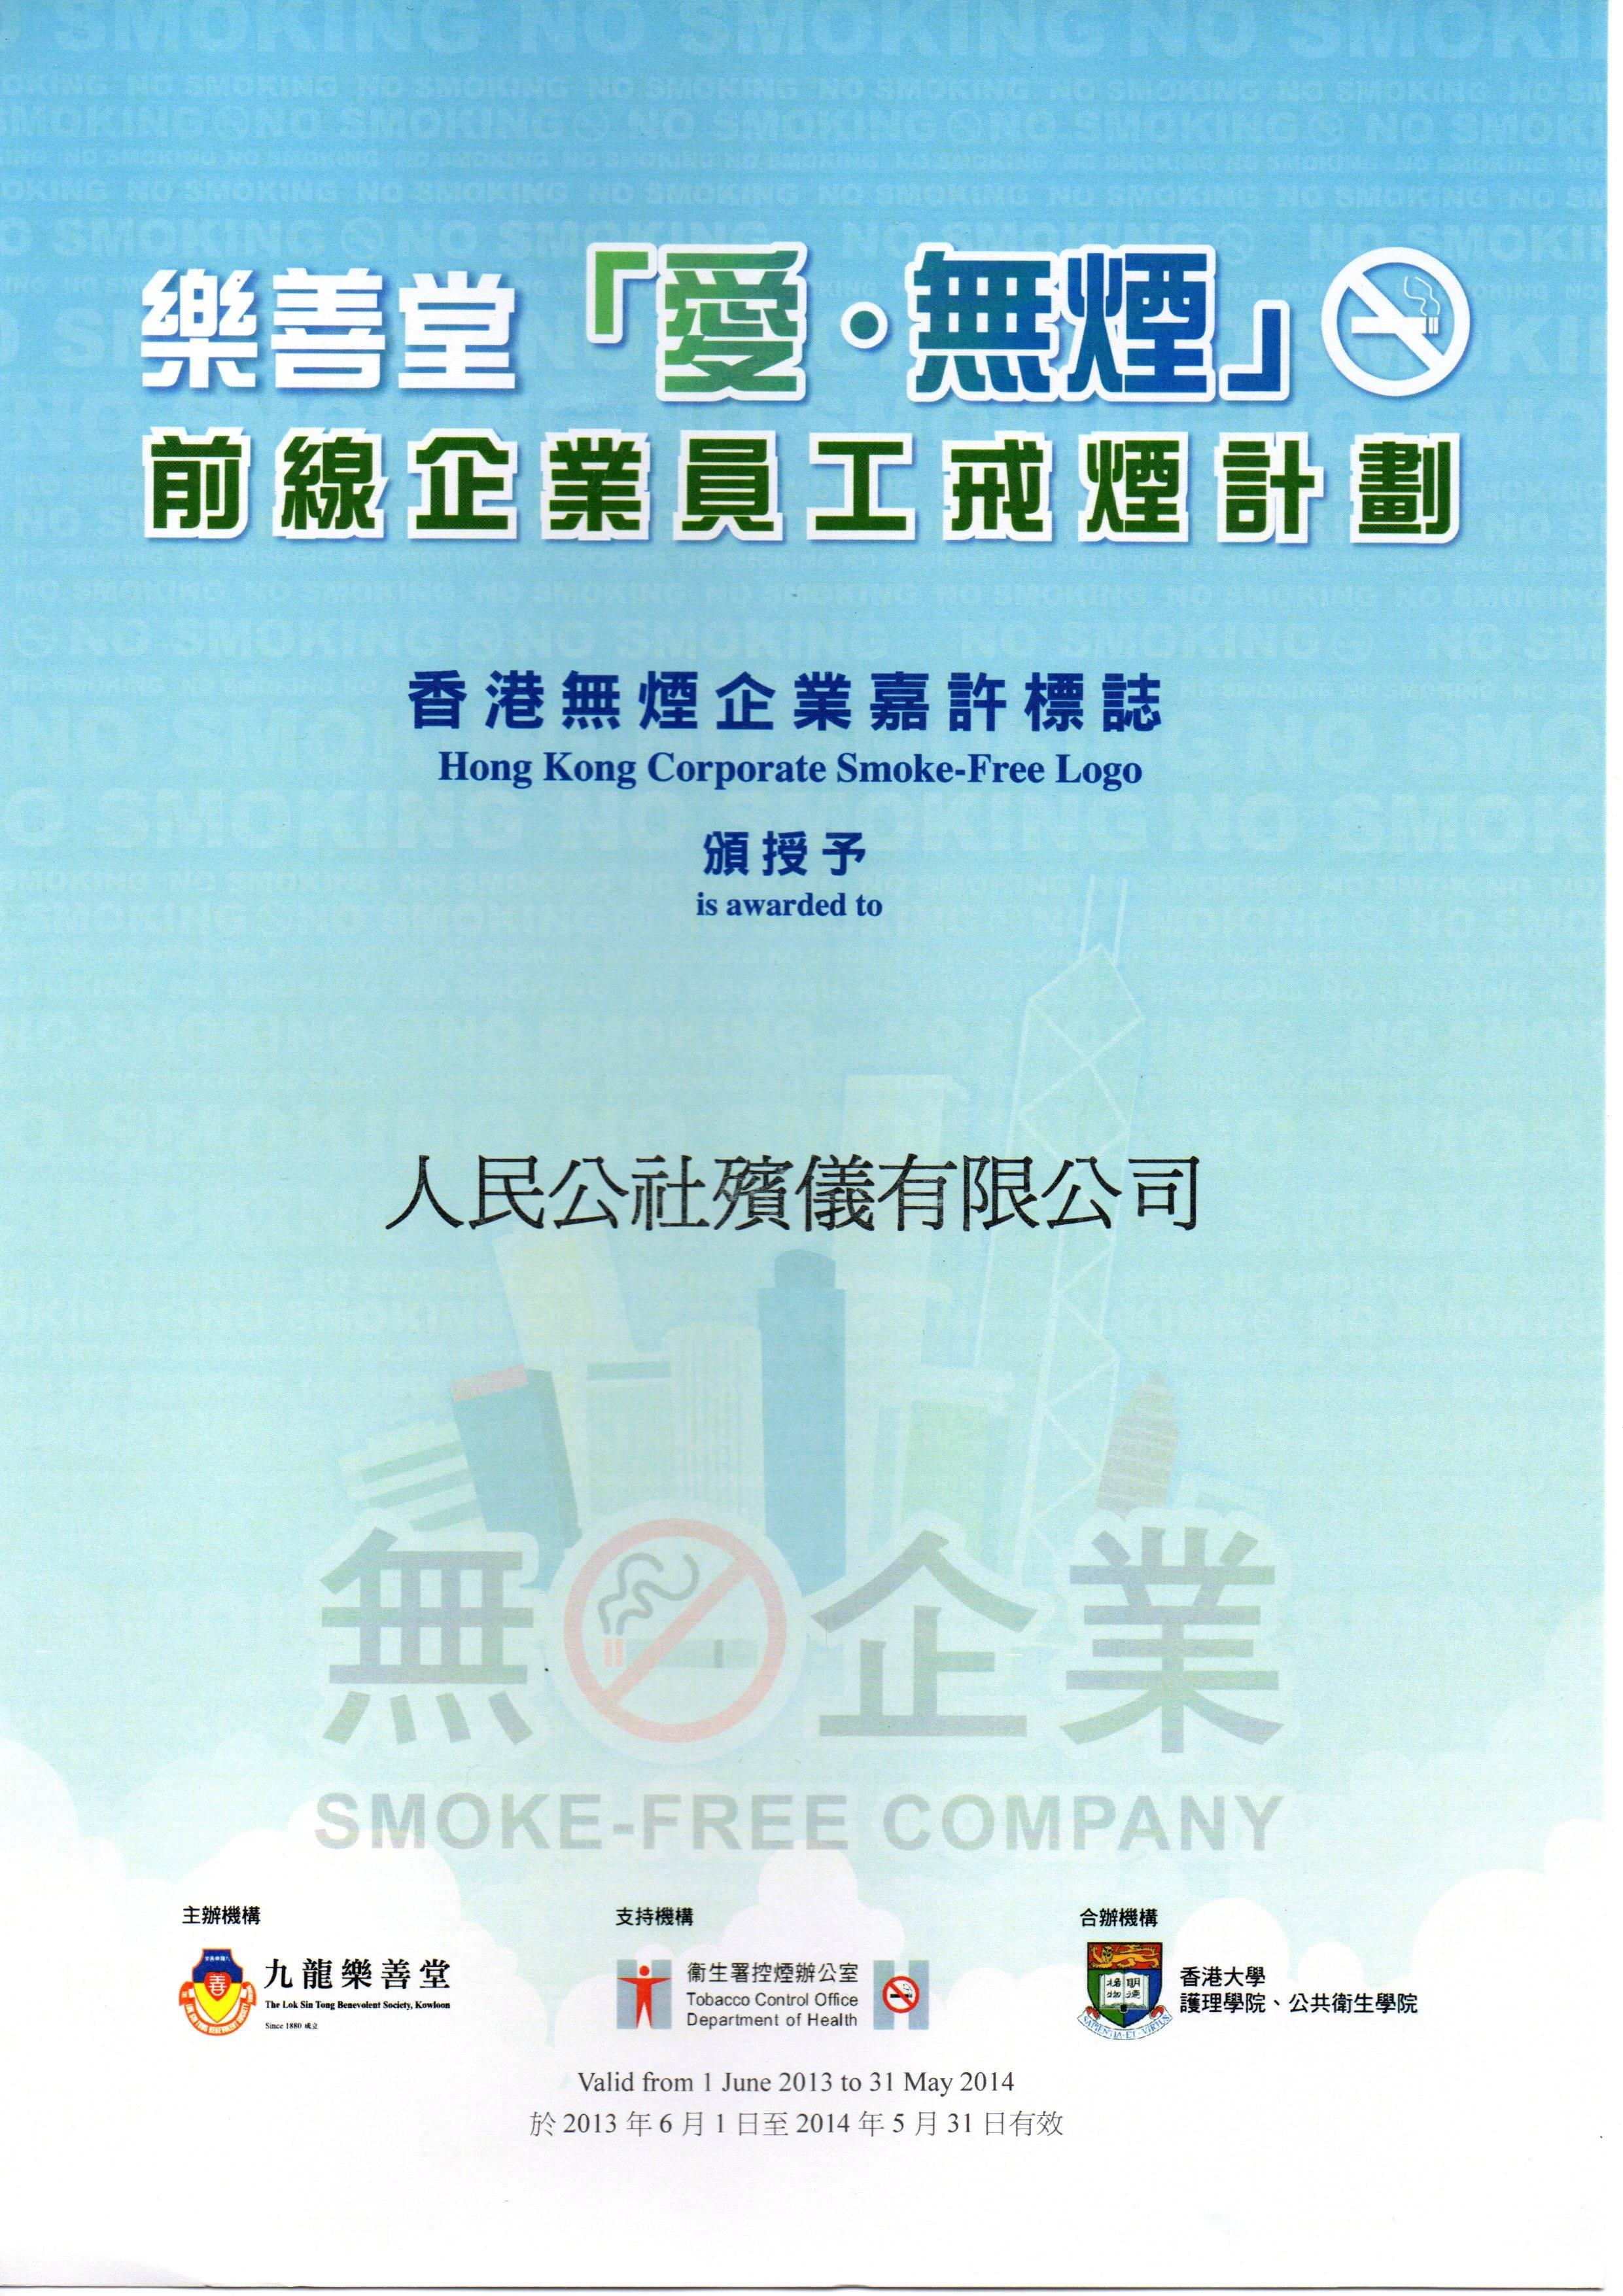 香港無煙企業嘉許標誌 2013至2014年度